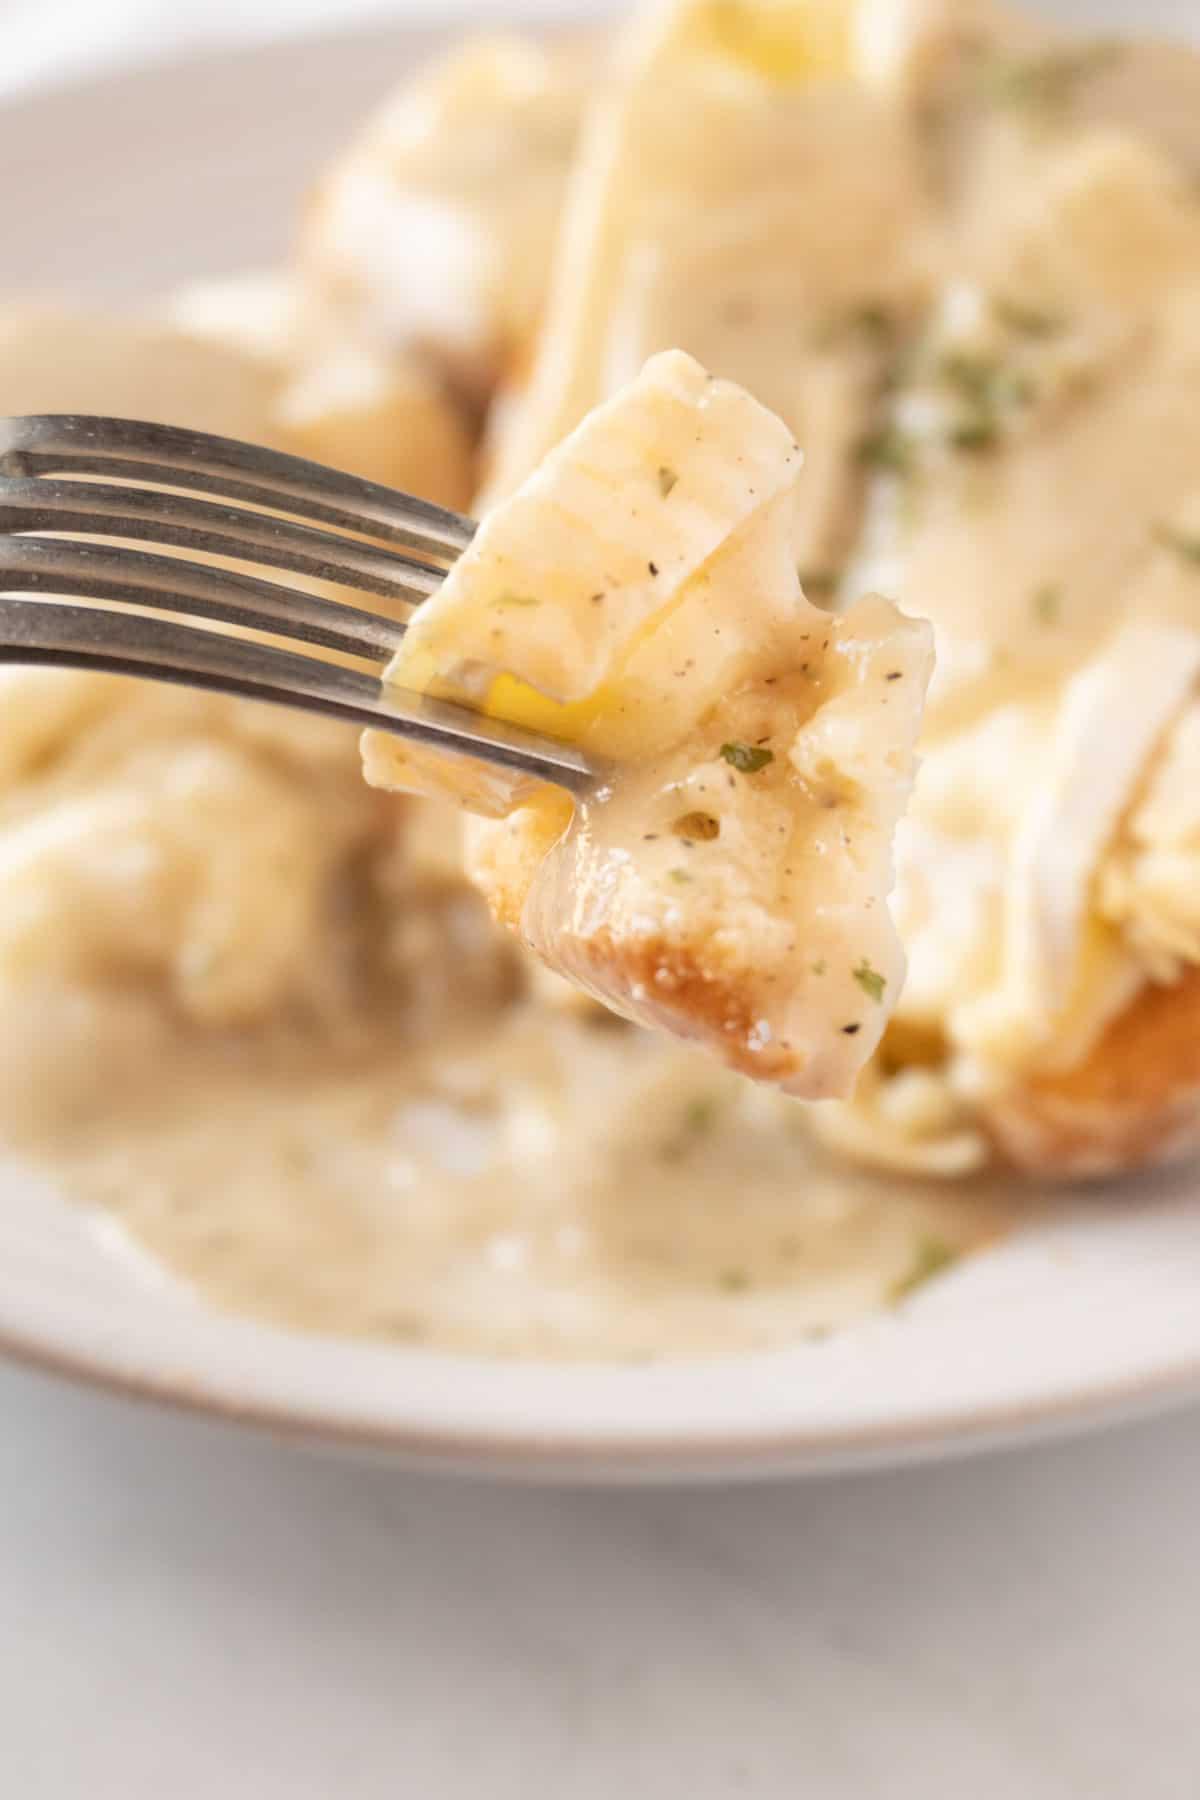 hot turkey sandwich with gravy on fork